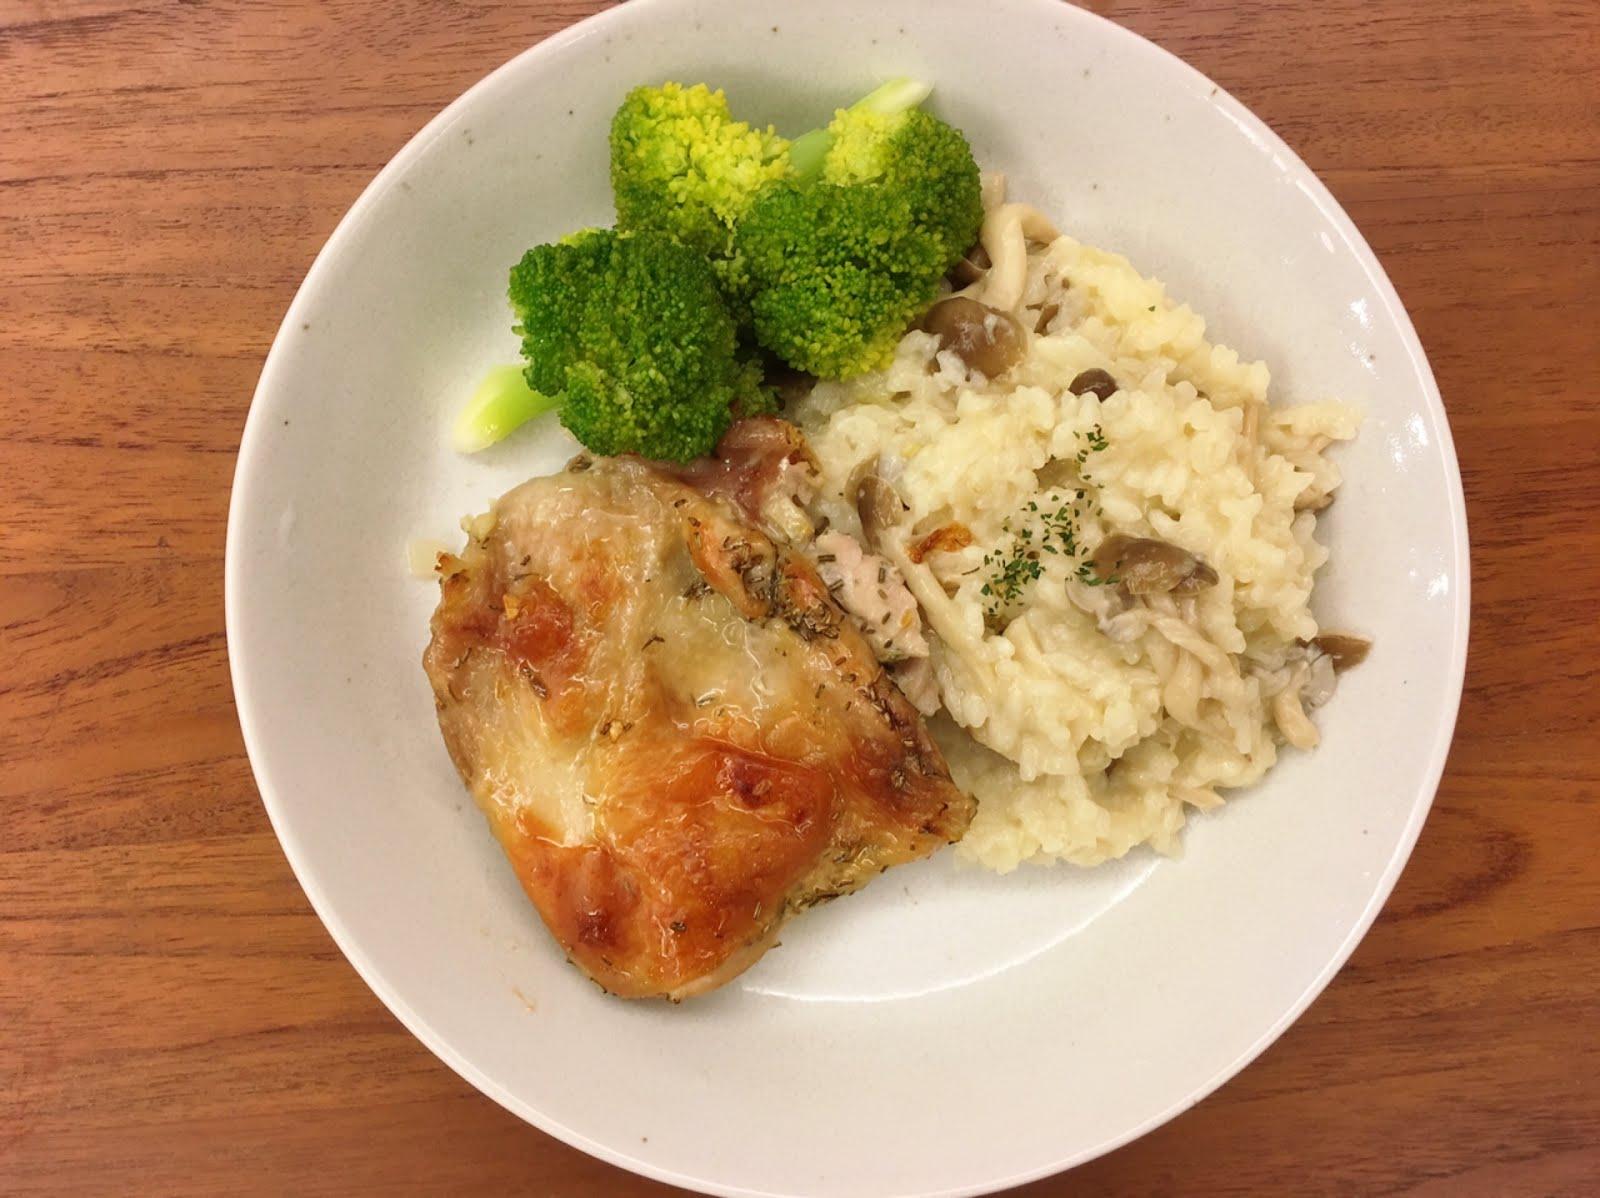 謝太太的生活小事: [謝太廚房]LC鑄鐵鍋料理。雙菇燉飯佐迷迭香烤雞腿排